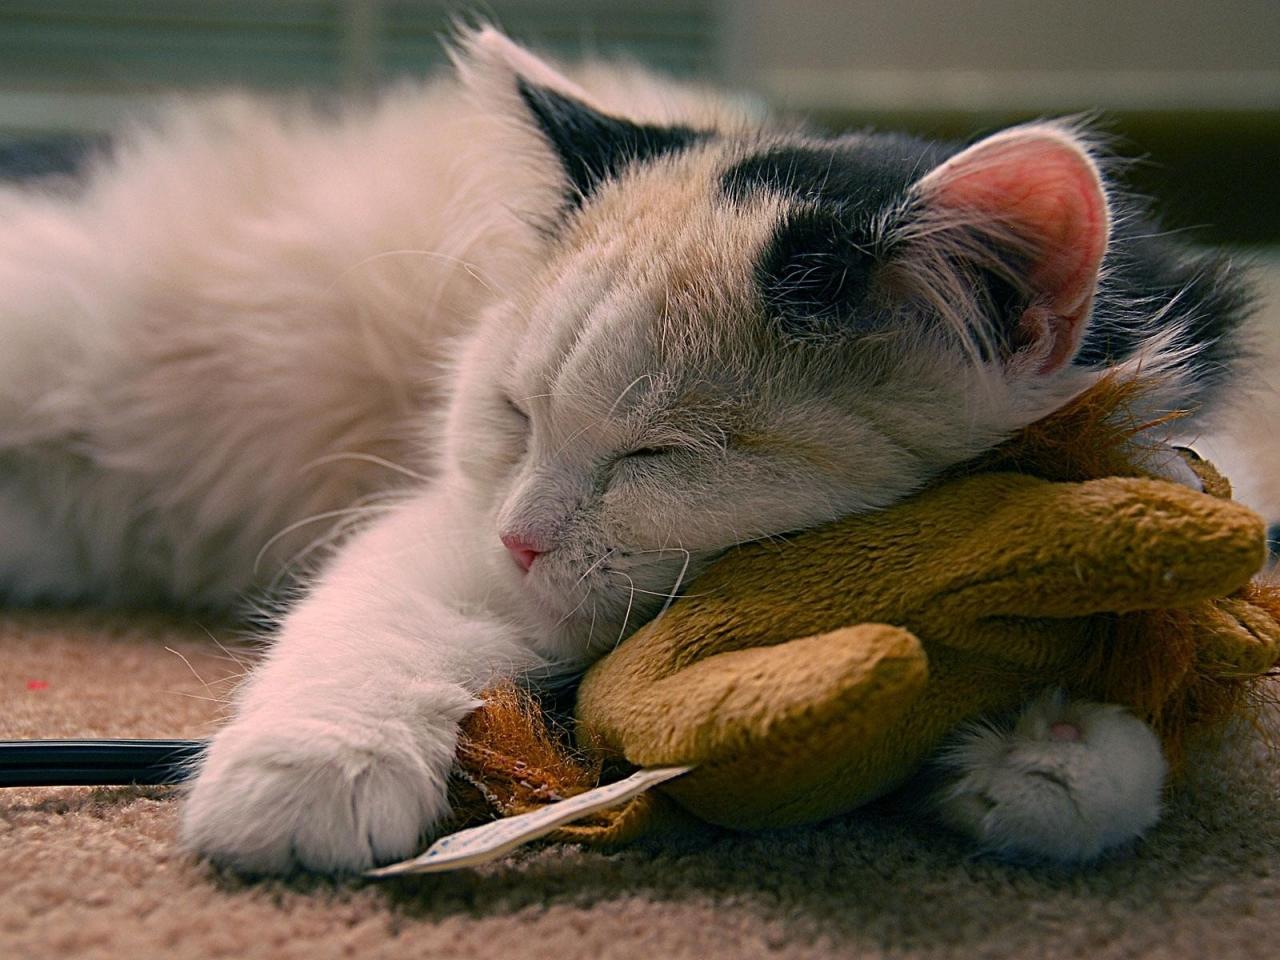 Un gato durmiendo - 1280x960